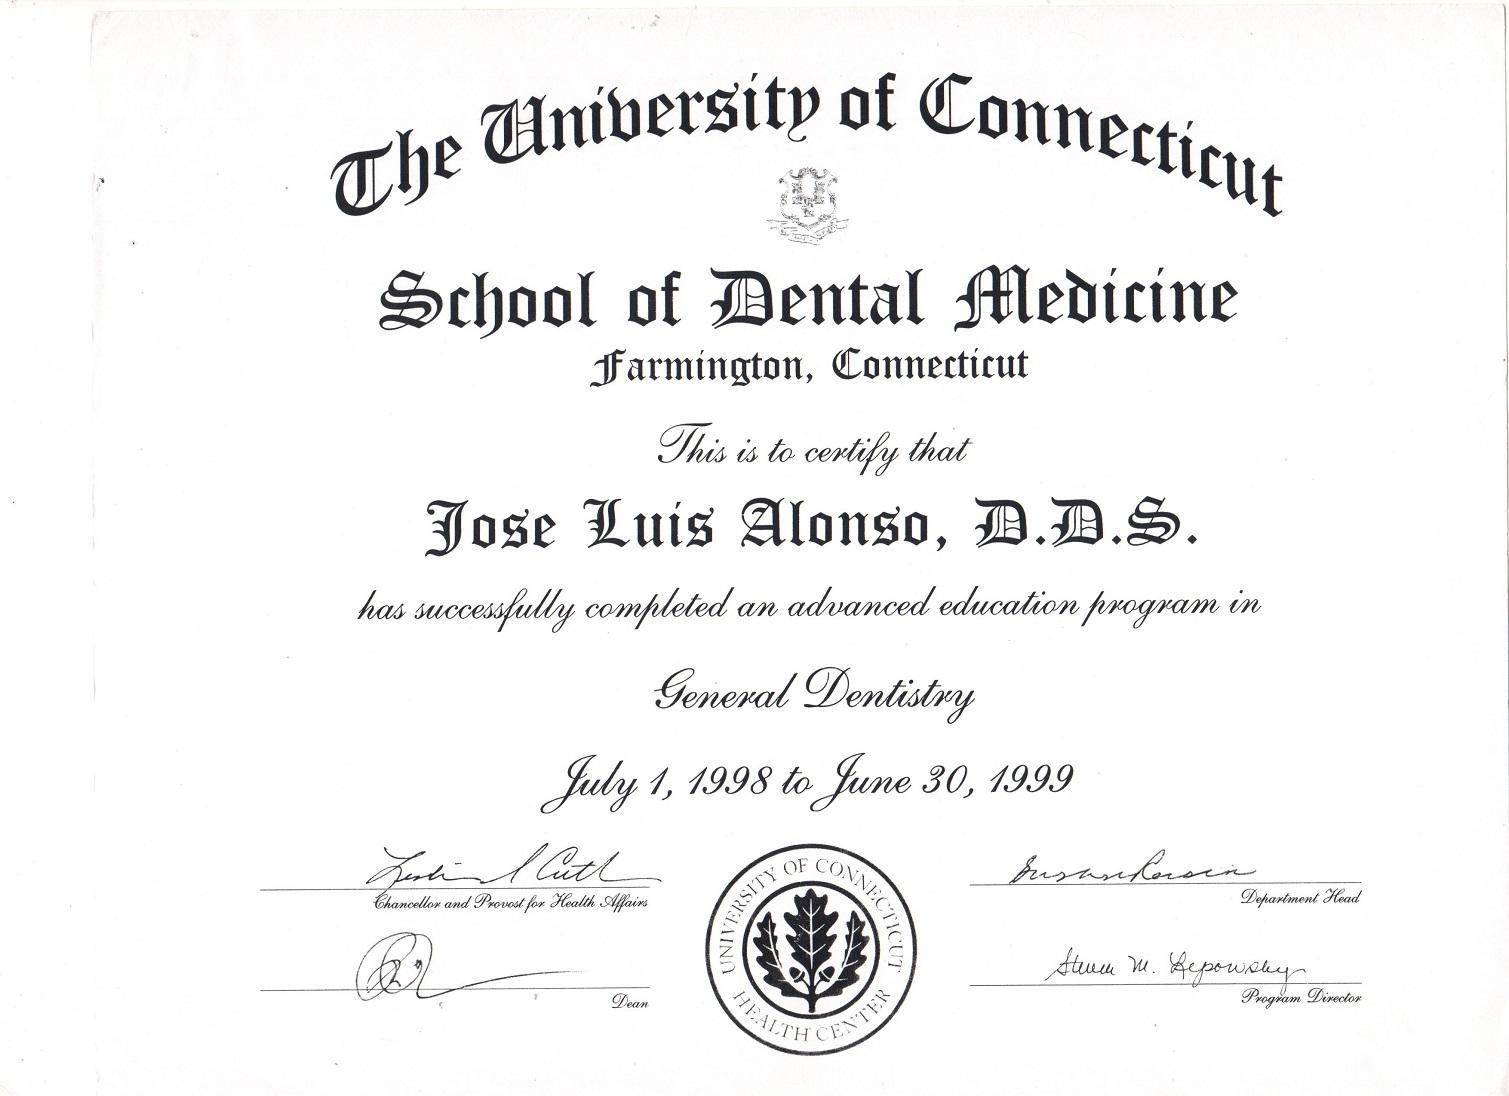 6- CERTIFICADO UNIVERSIDAD CONNECTICUT 1999 1